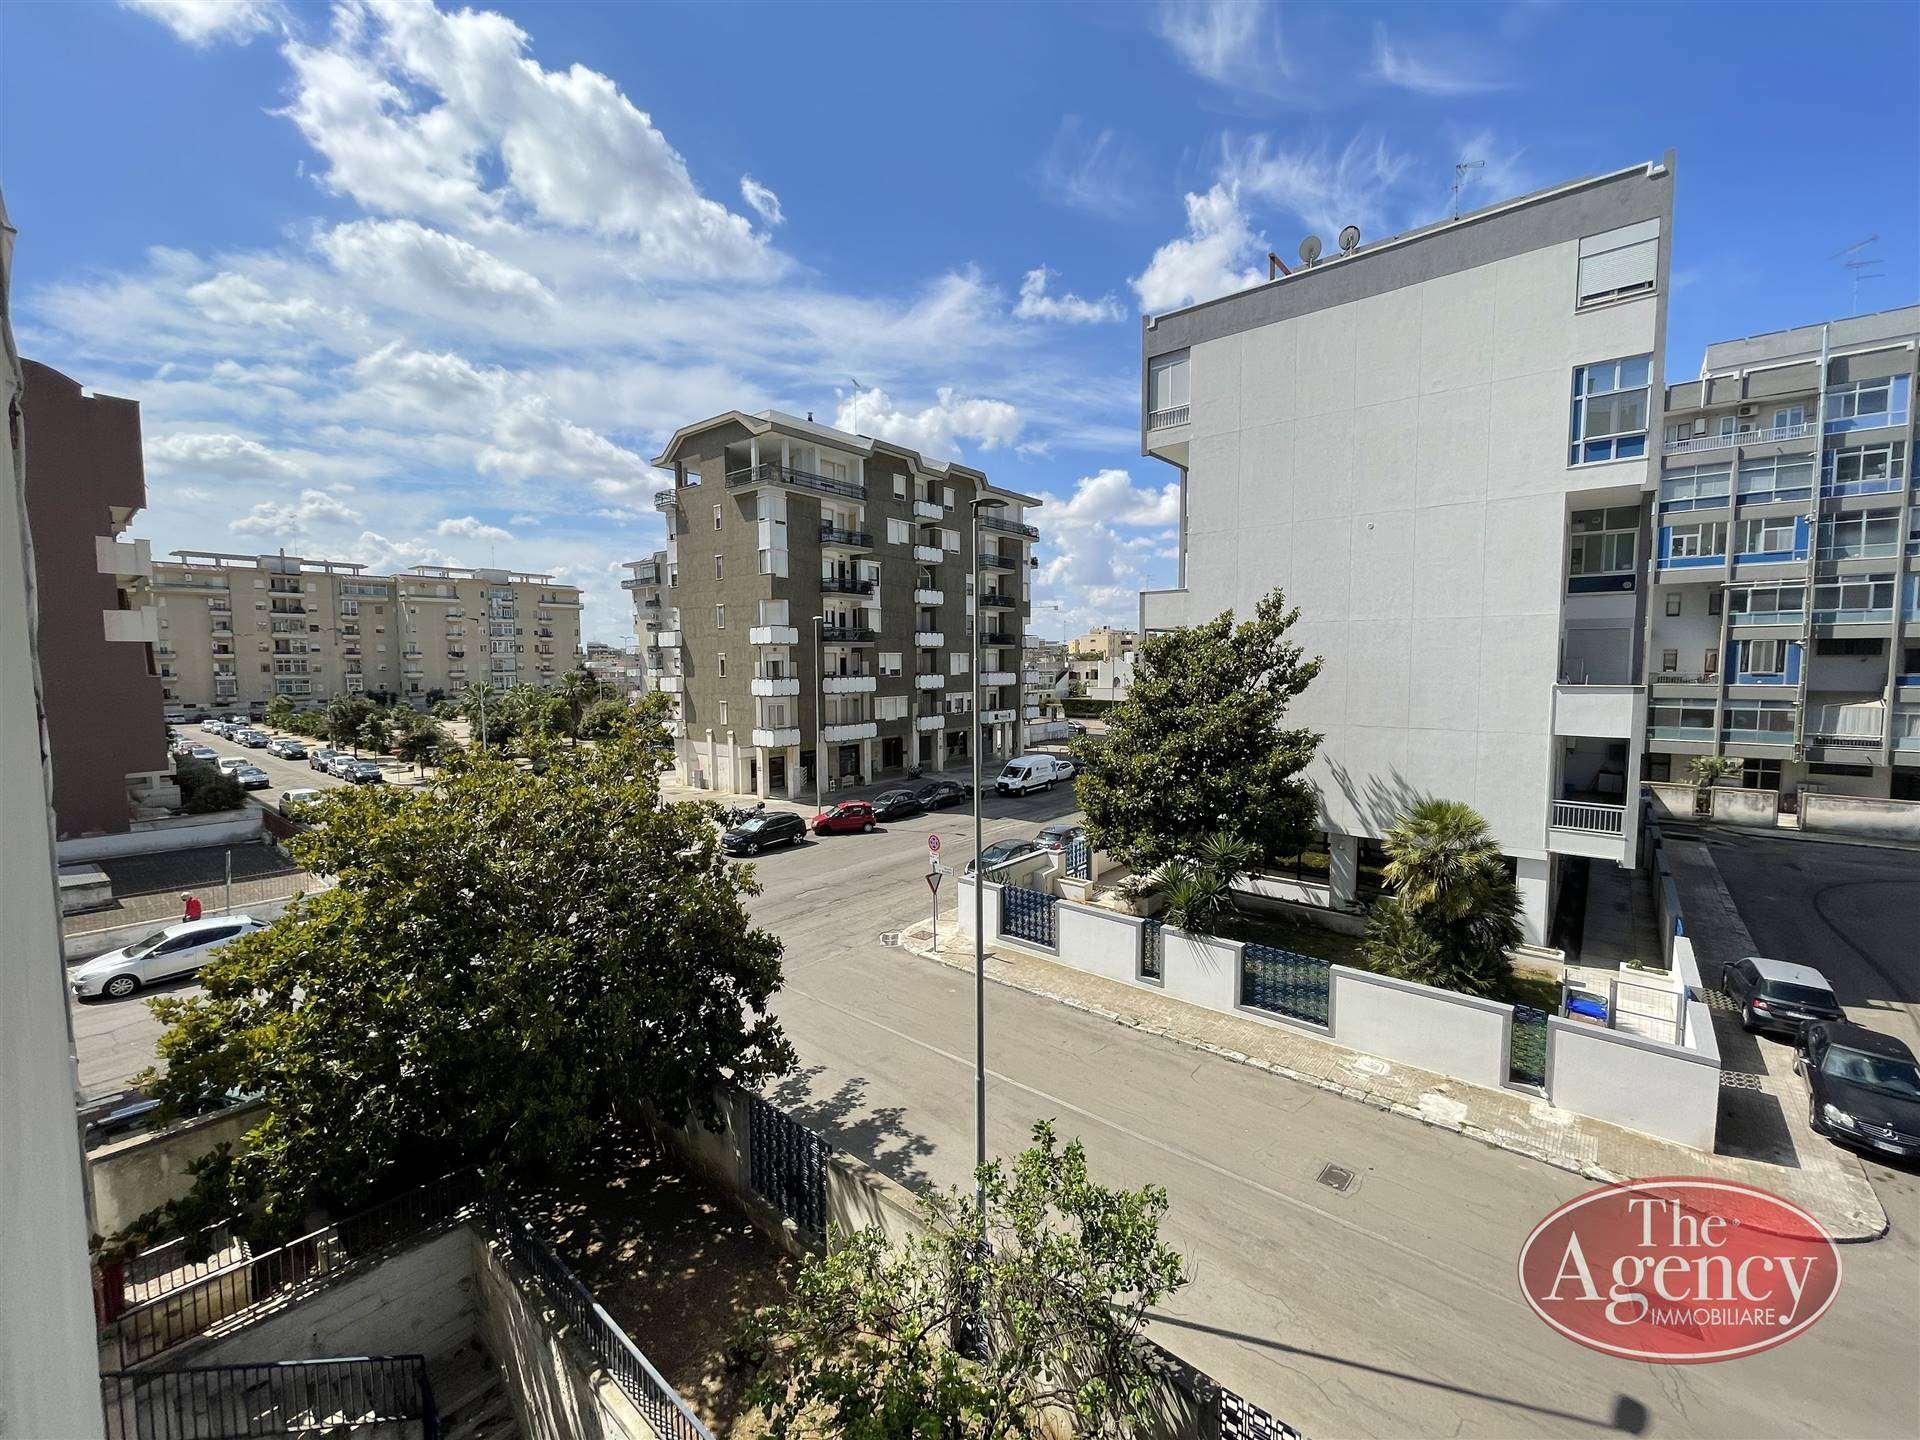 SALESIANI, LECCE, Wohnung zu verkaufen von 135 Qm, Bewohnbar, Heizung Unabhaengig, Energie-klasse: G, Epi: 30,542 kwh/m2 jahr, am boden 2°,